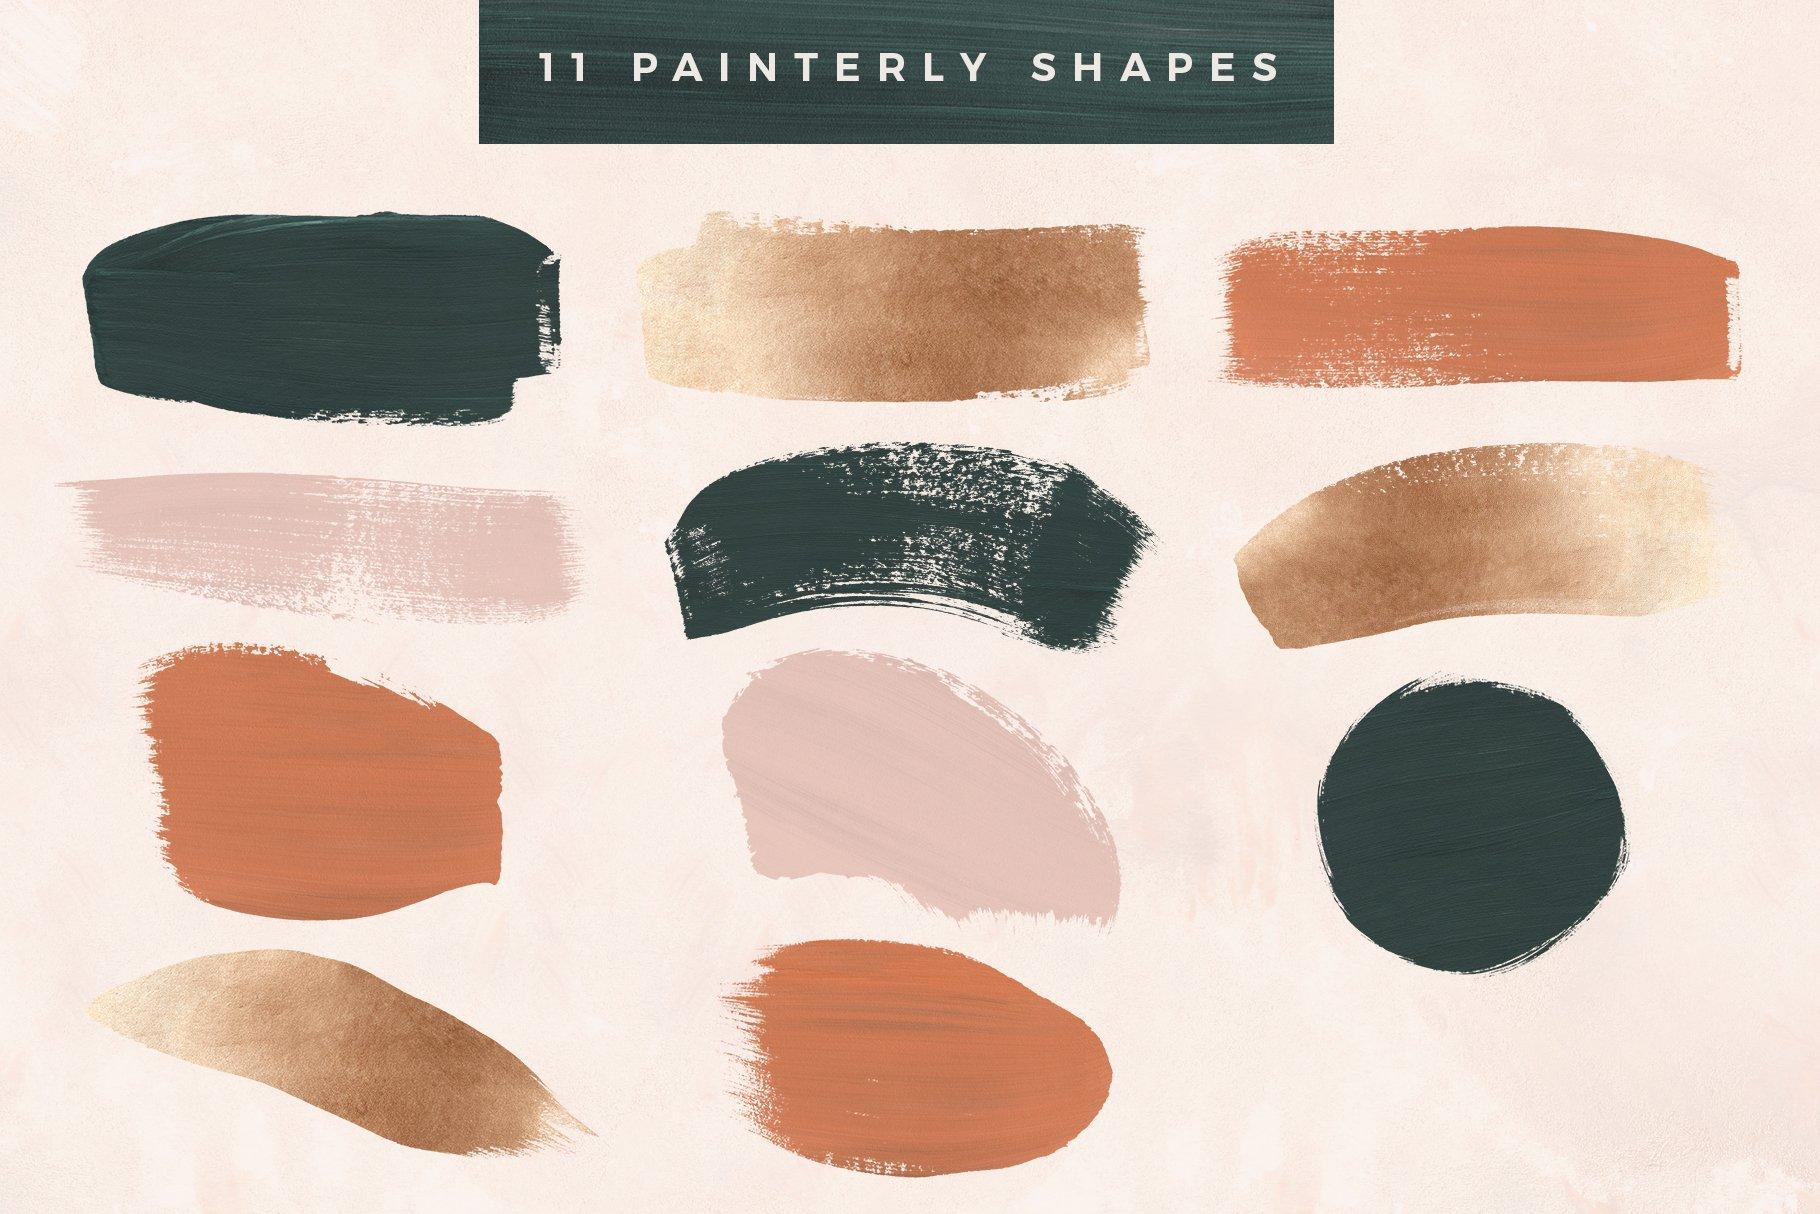 [淘宝购买] 时尚优雅抽象多彩丙烯酸颜料笔刷肌理背景PNG图片素材 Painterly Shapes & Backgrounds插图(5)